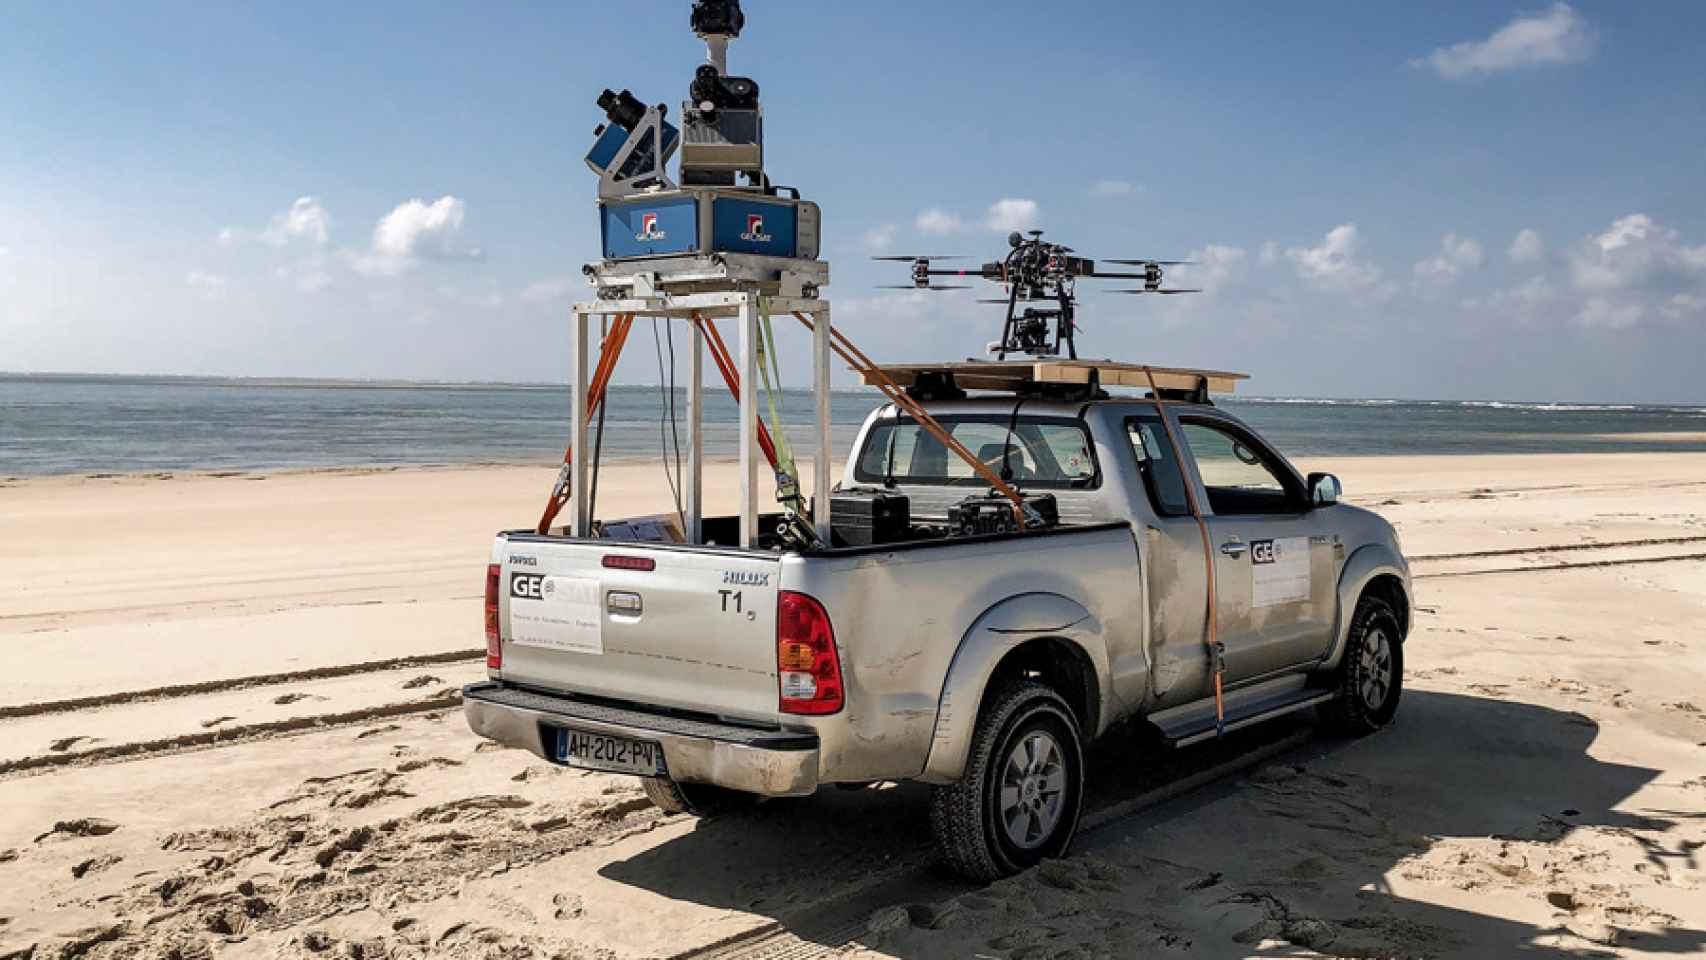 Uno de los vehículos a los que sigue el dron de Octocam-Maps para topografiar carreteras.